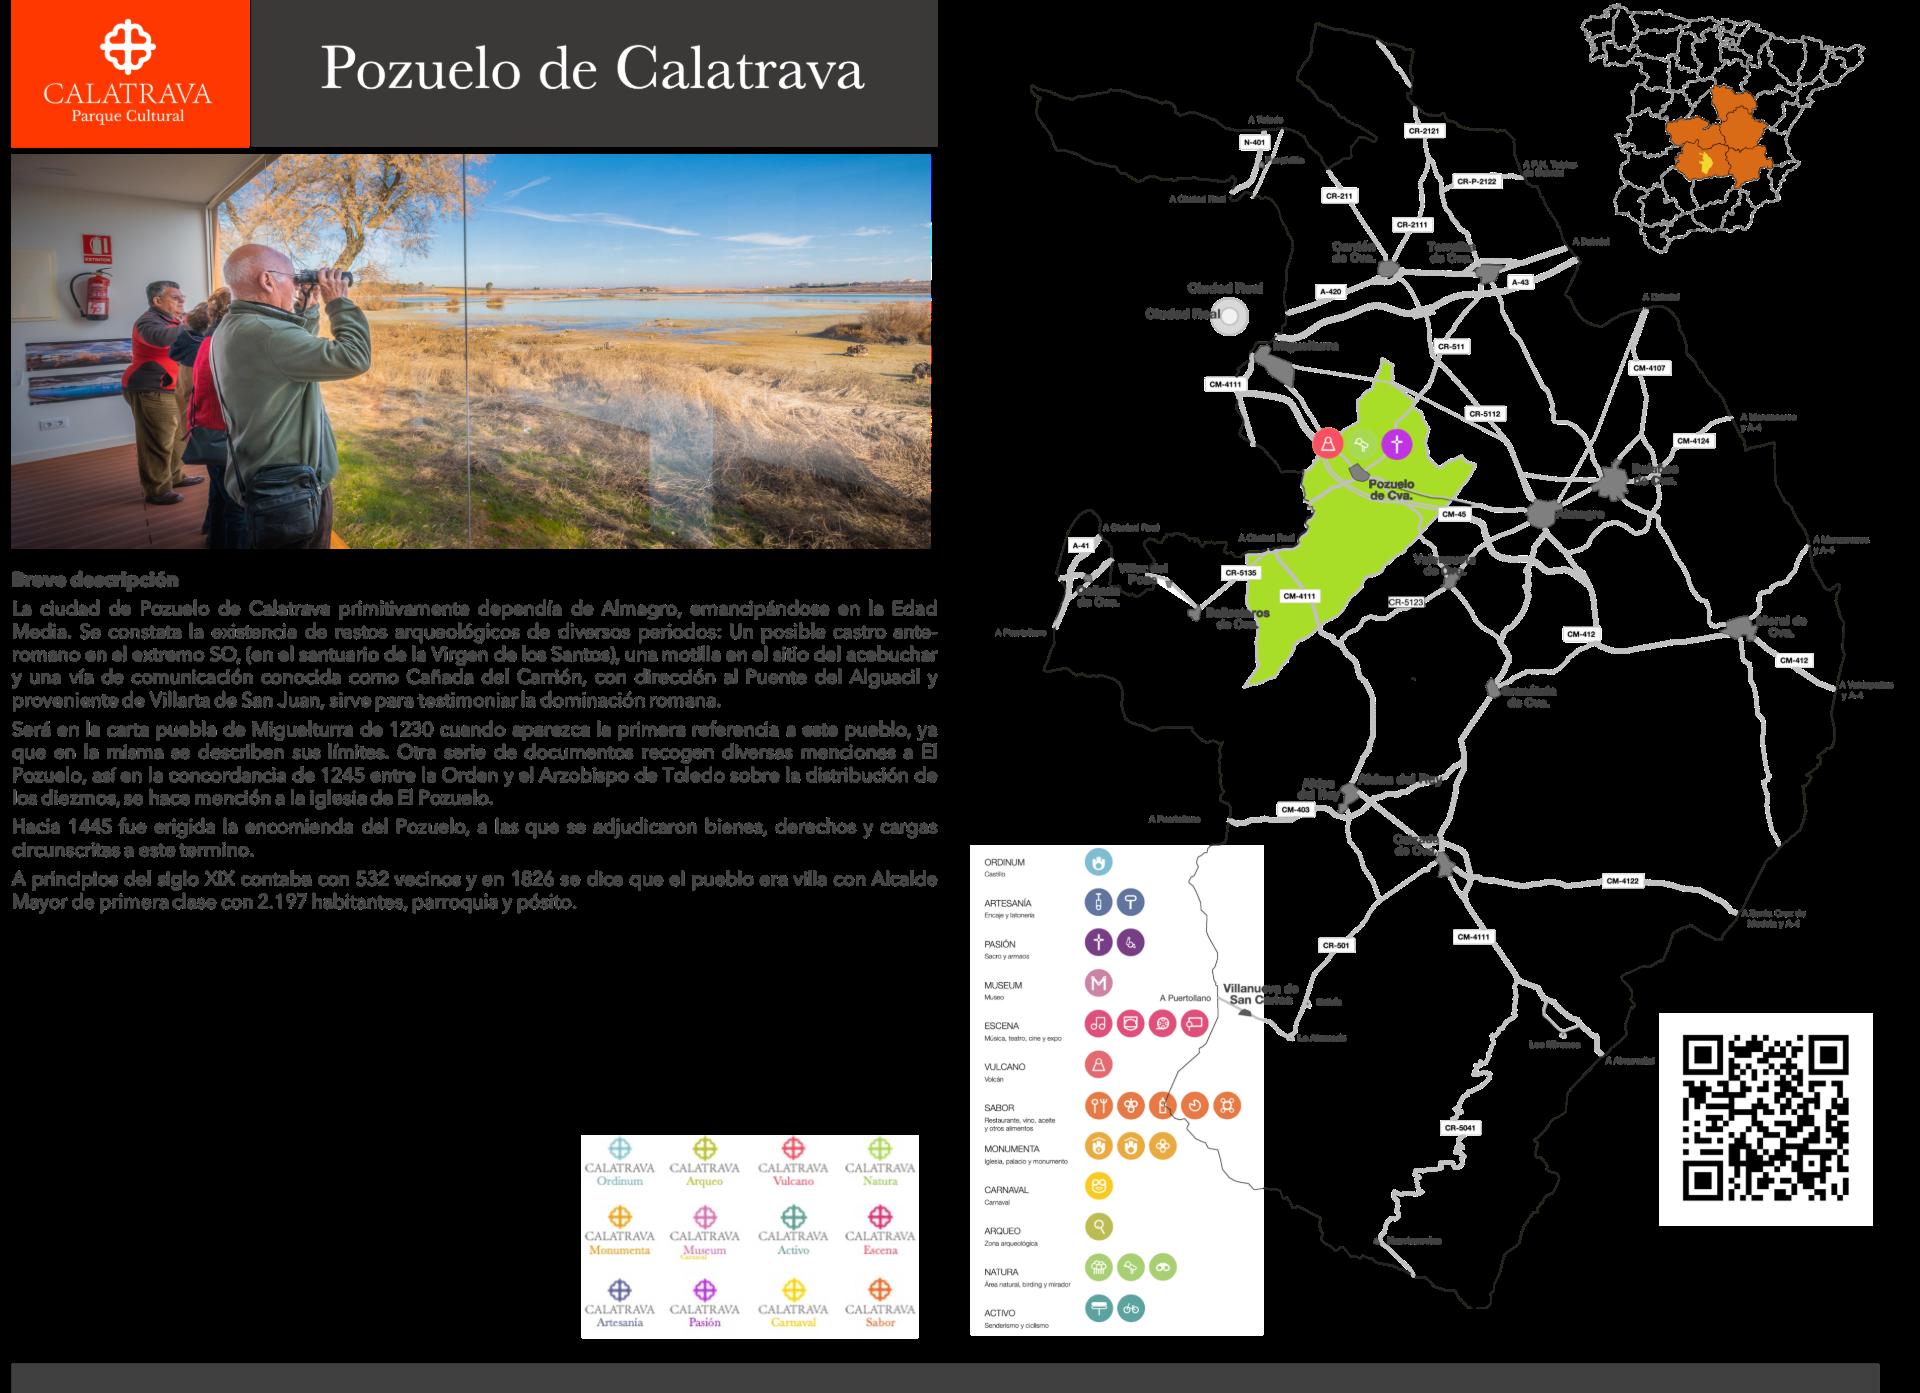 mapa-Pozuelo de Calatrava